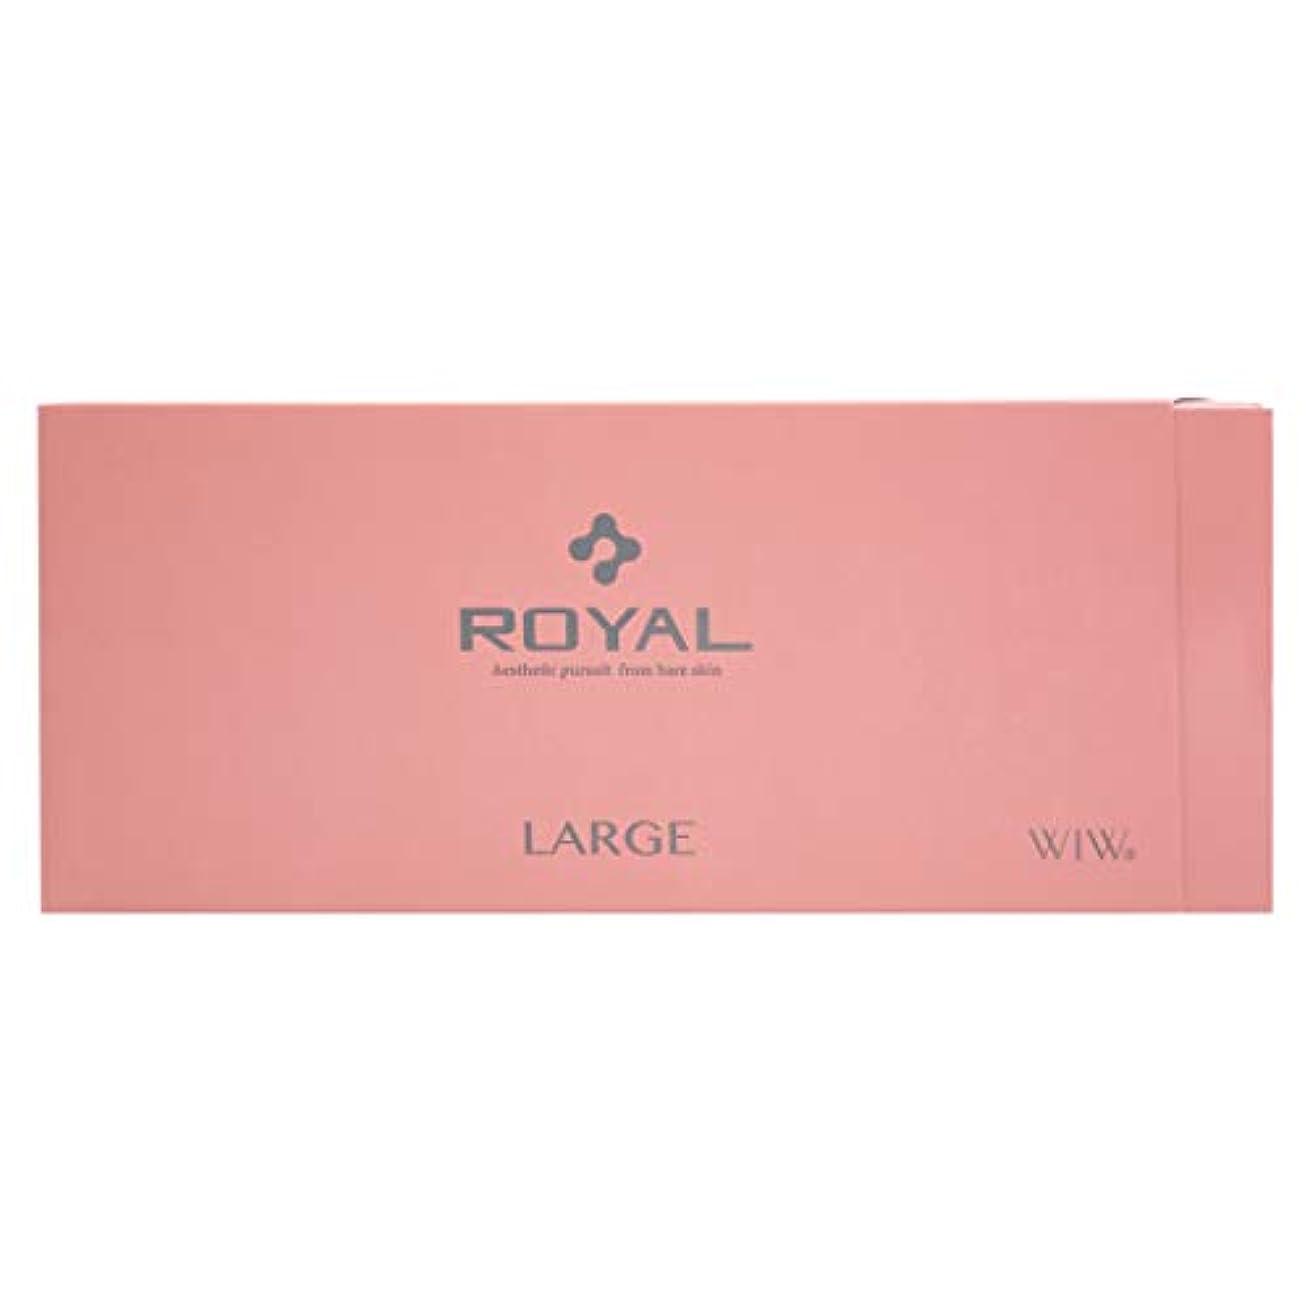 ポンペイ安全な翻訳するWIW ROYAL ロイアルラージ 1.3ml×90袋